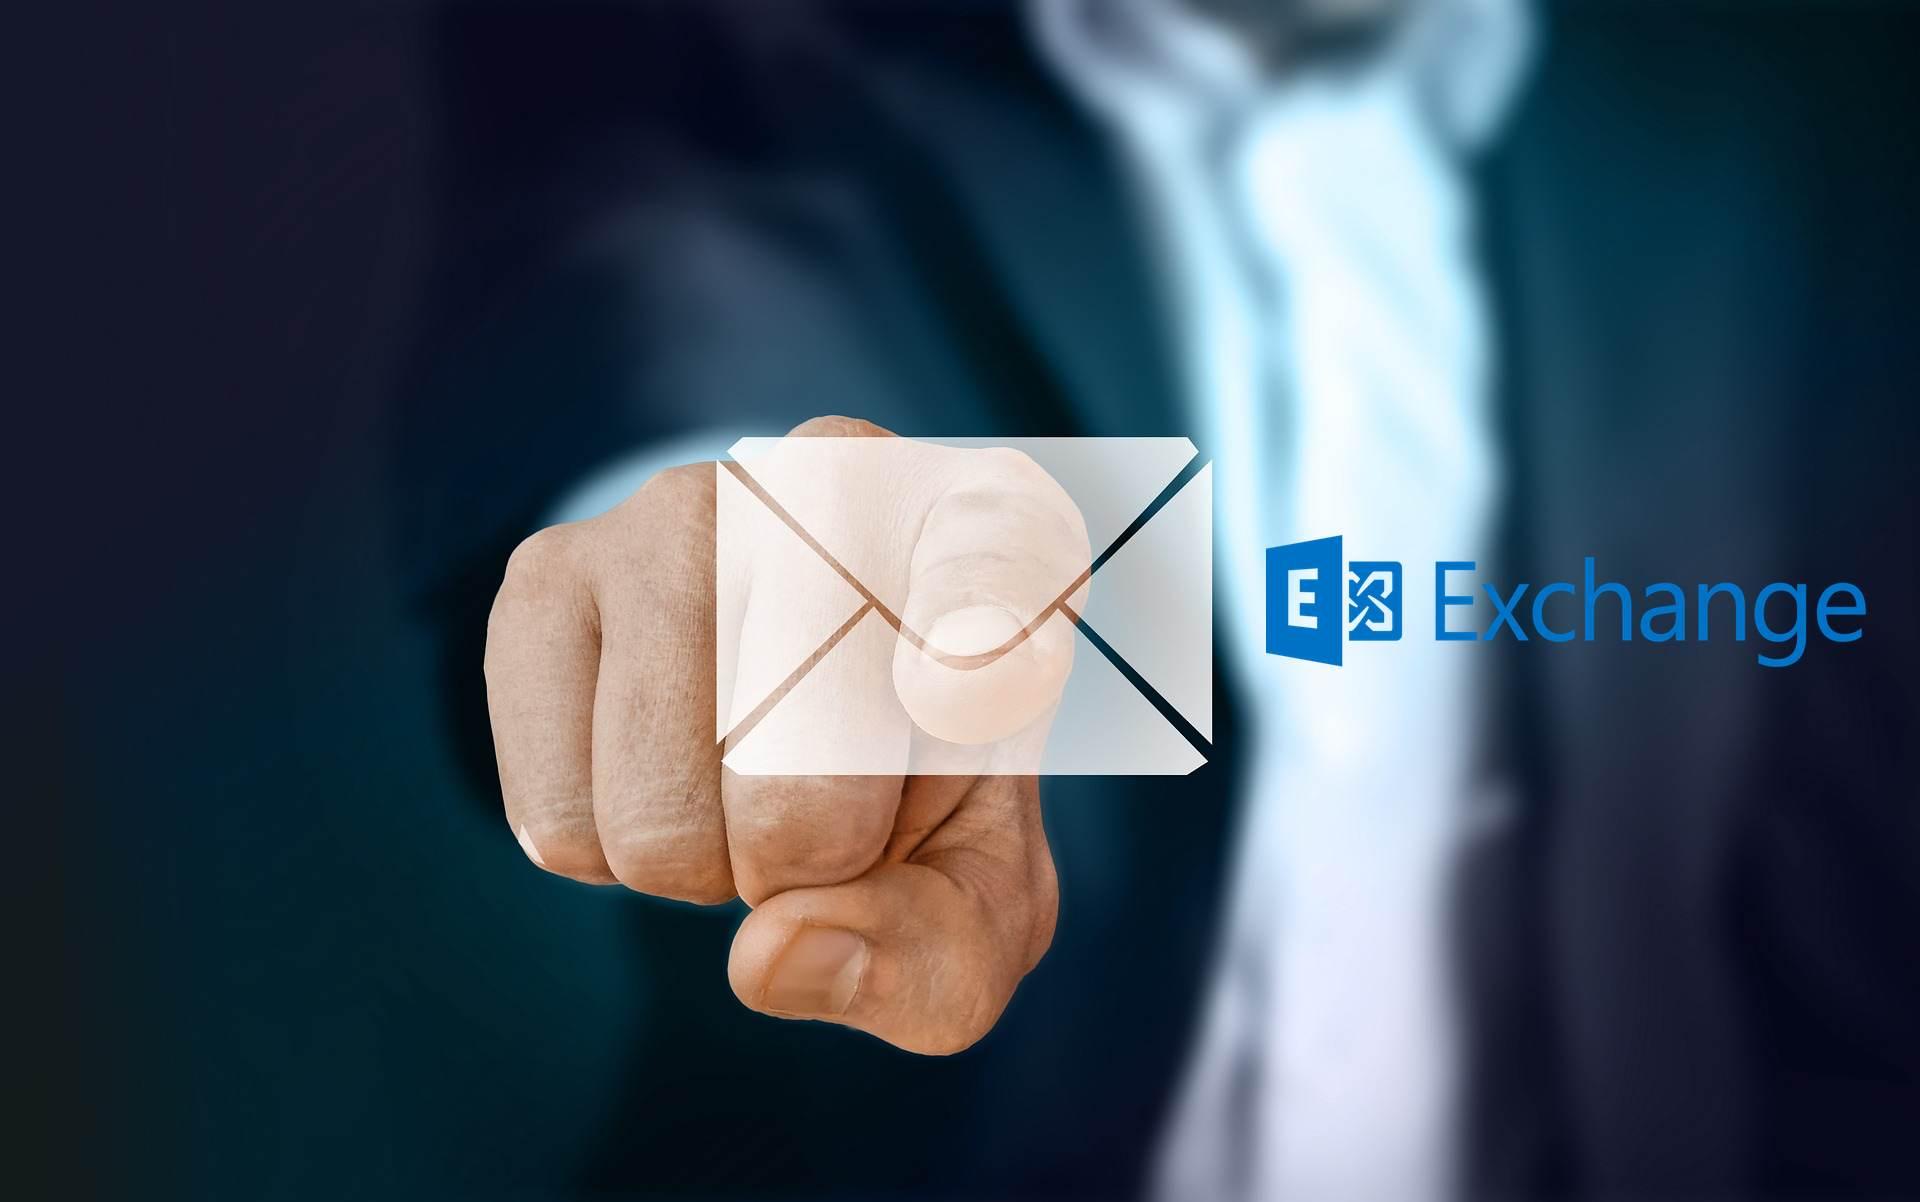 Geben Sie jedem Absender den Sound, den er verdient – Individuelle Benachrichtigungstöne für E-Mail-Absender festlegen